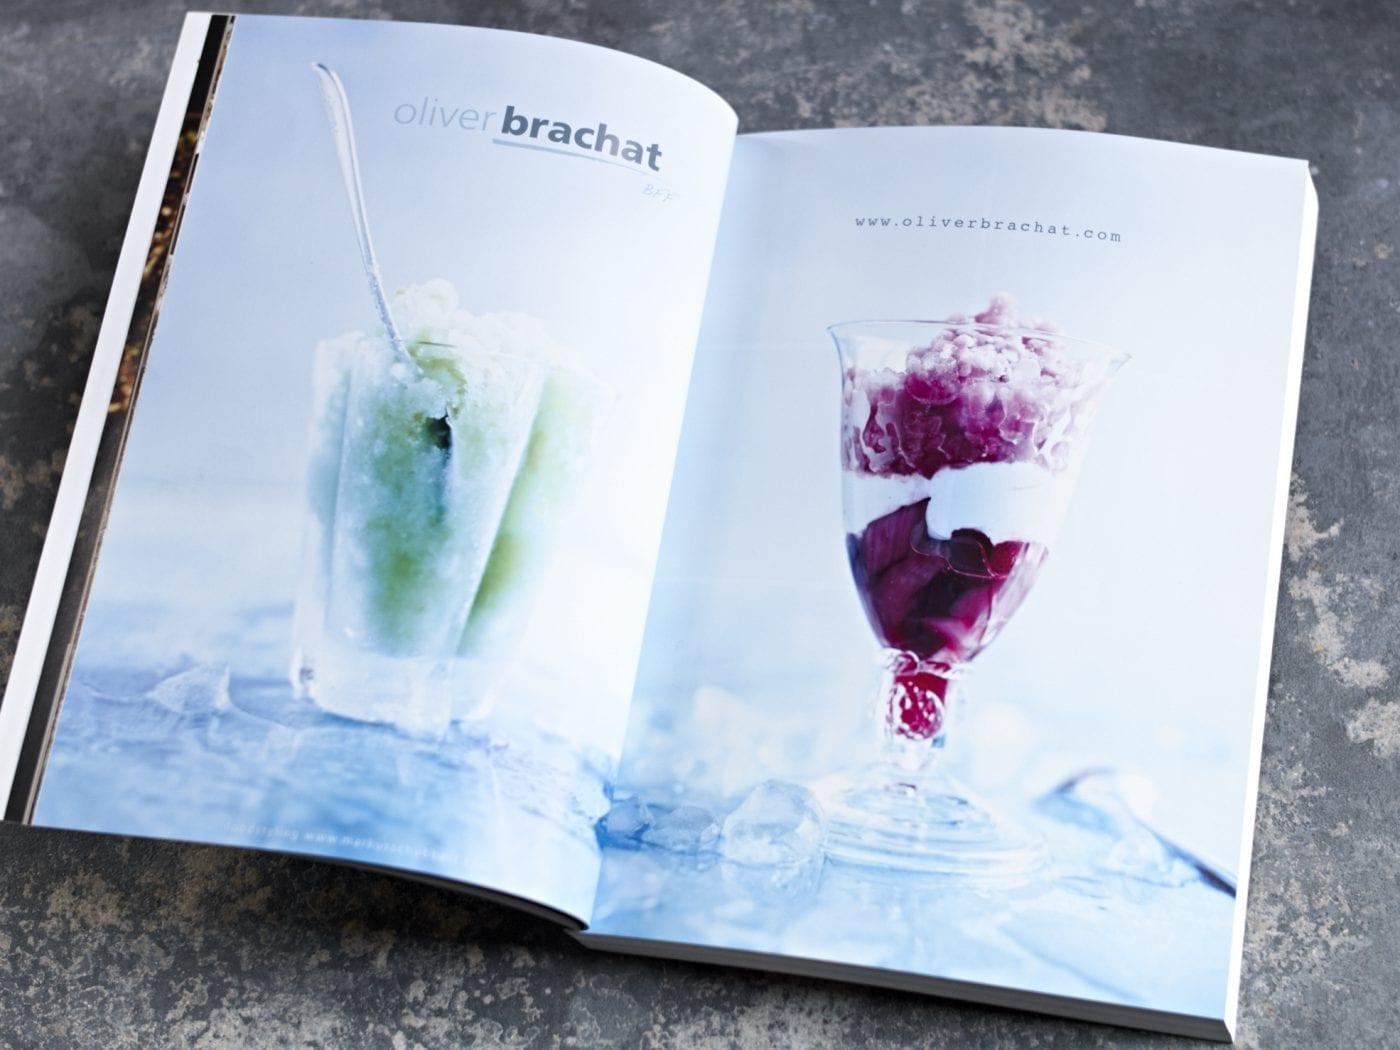 Select Freie Eisstrecke Magazin